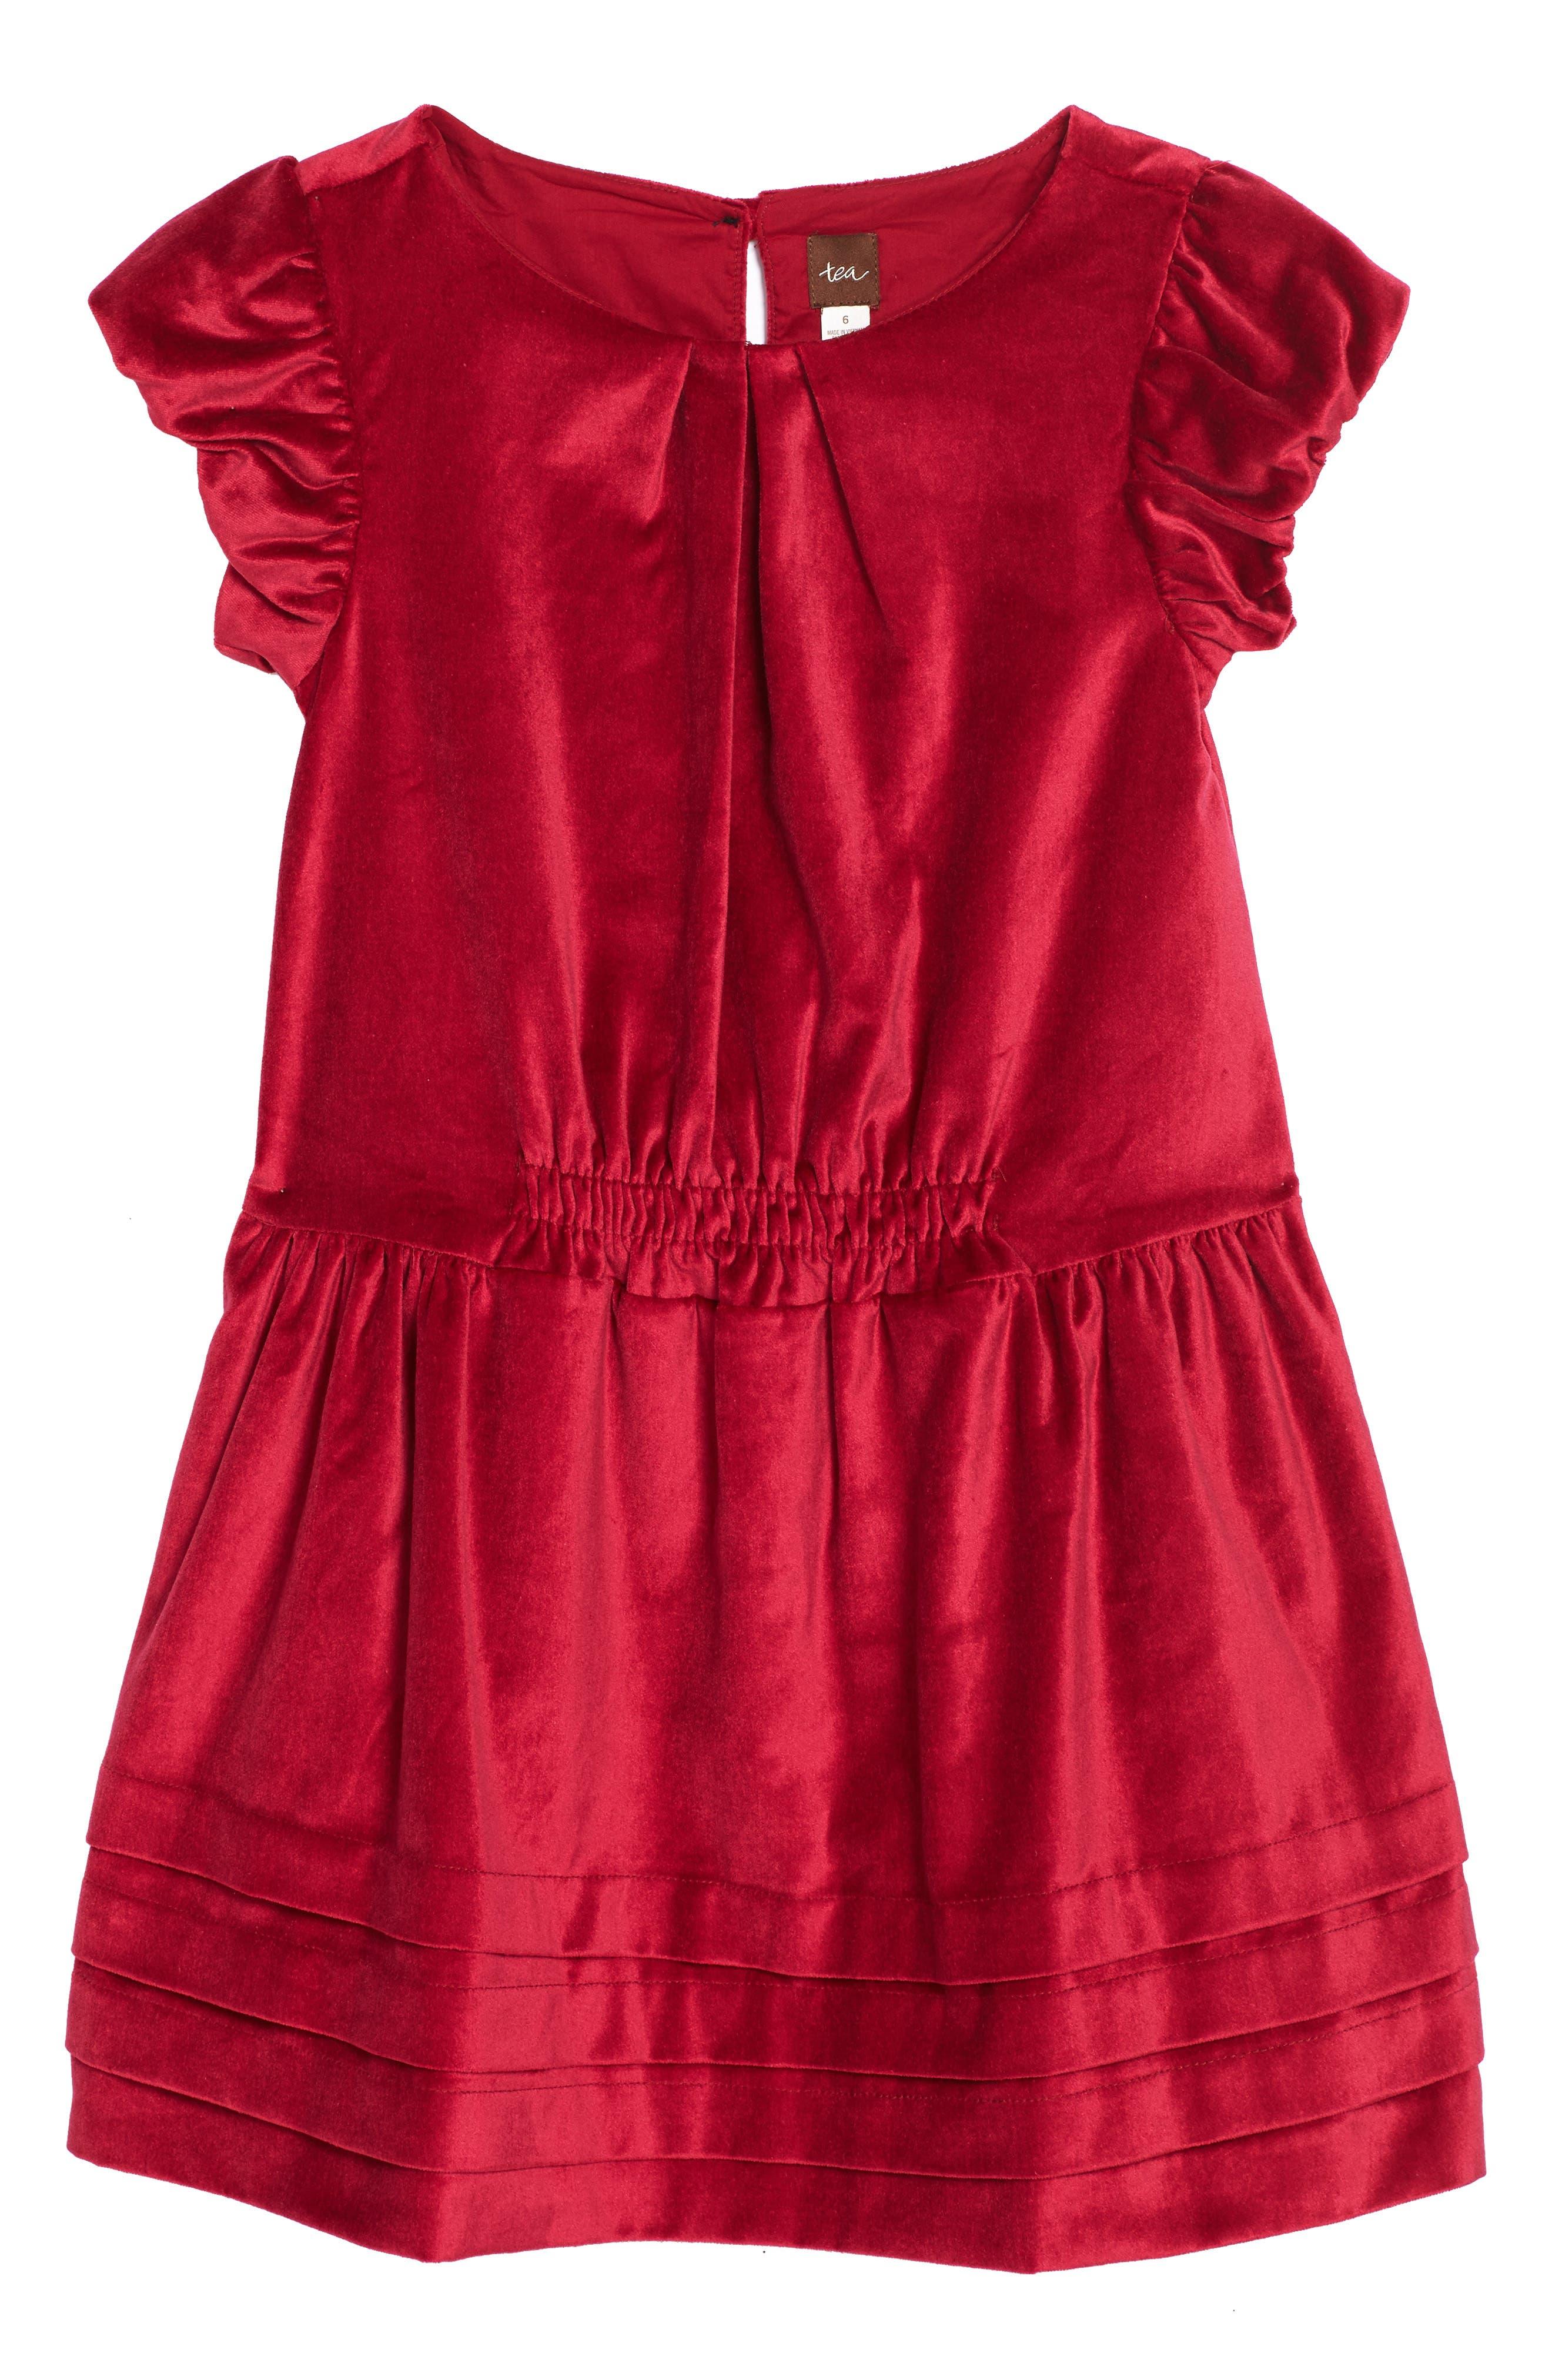 Tea Collection Dunrobin Velveteen Dress (Toddler Girls, Little Girls & Big Girls)